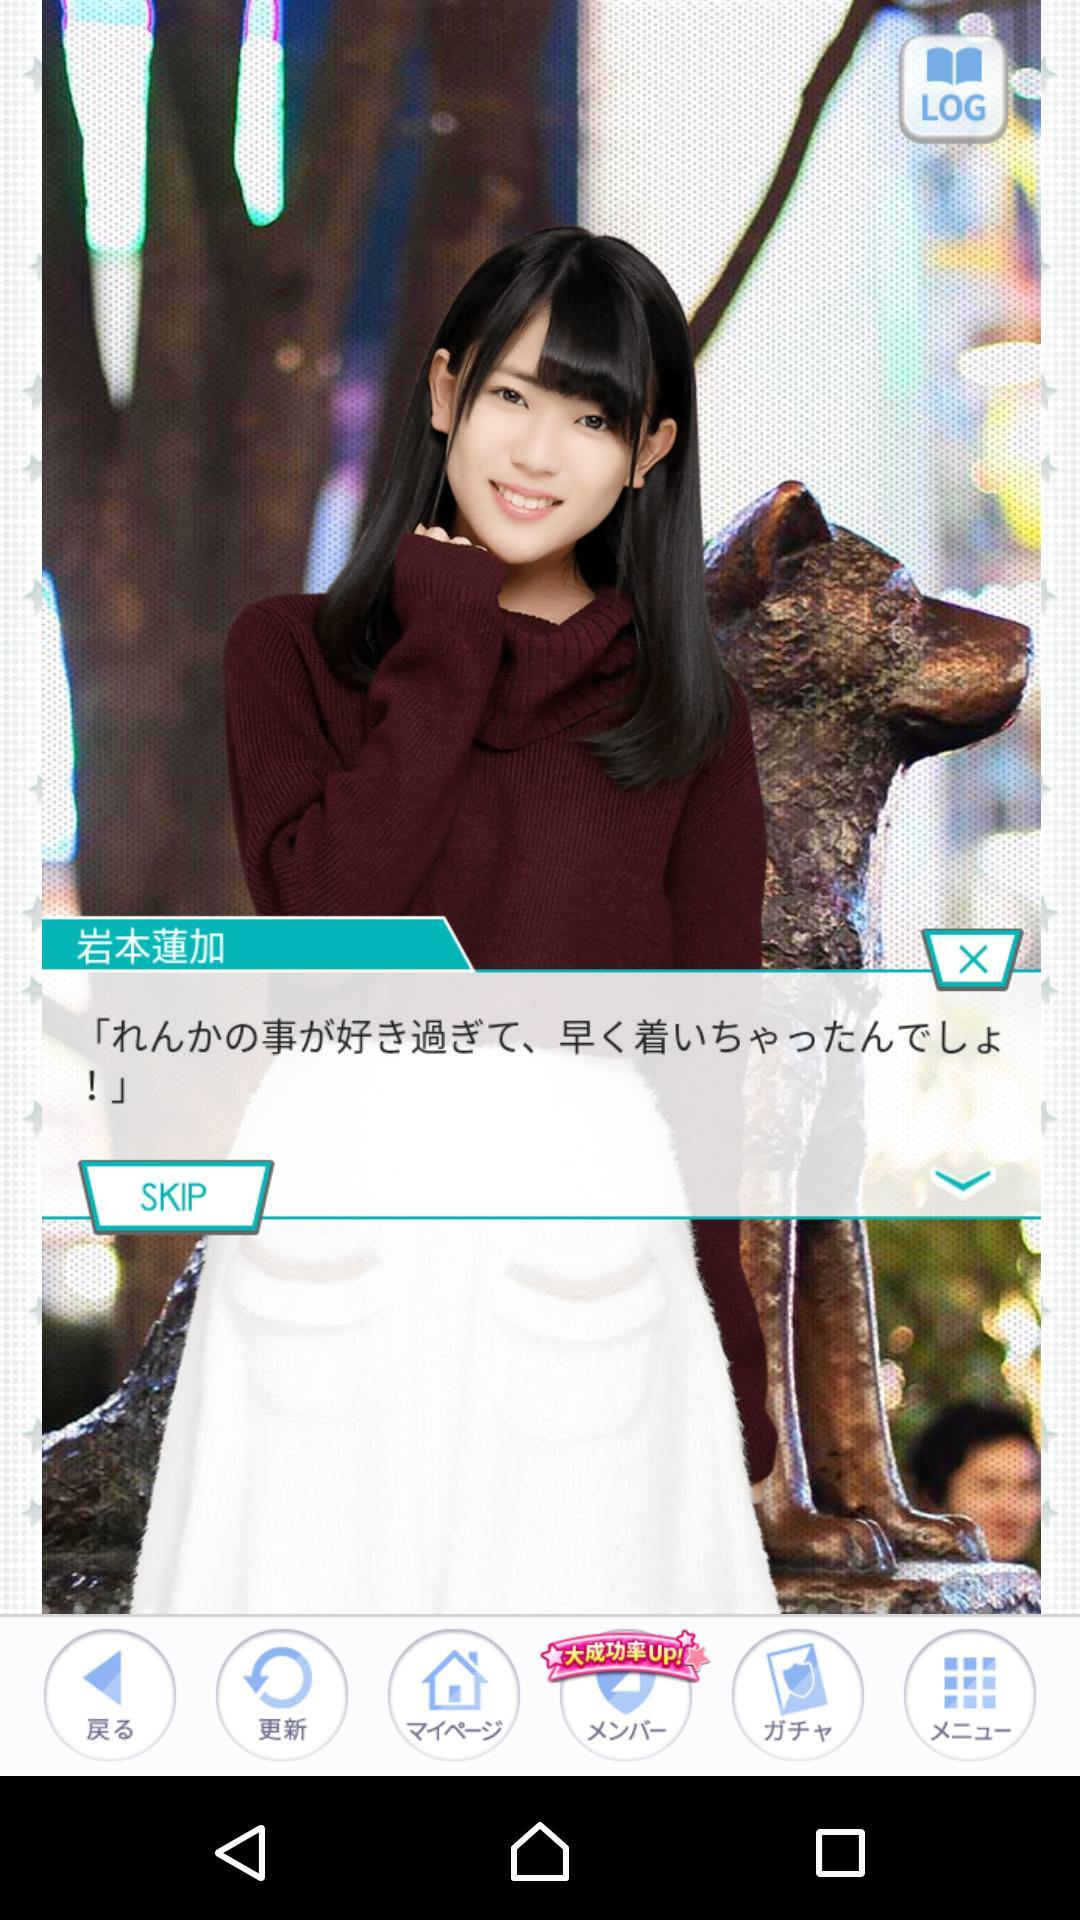 乃木恋 岩本蓮加 じゃーん!3